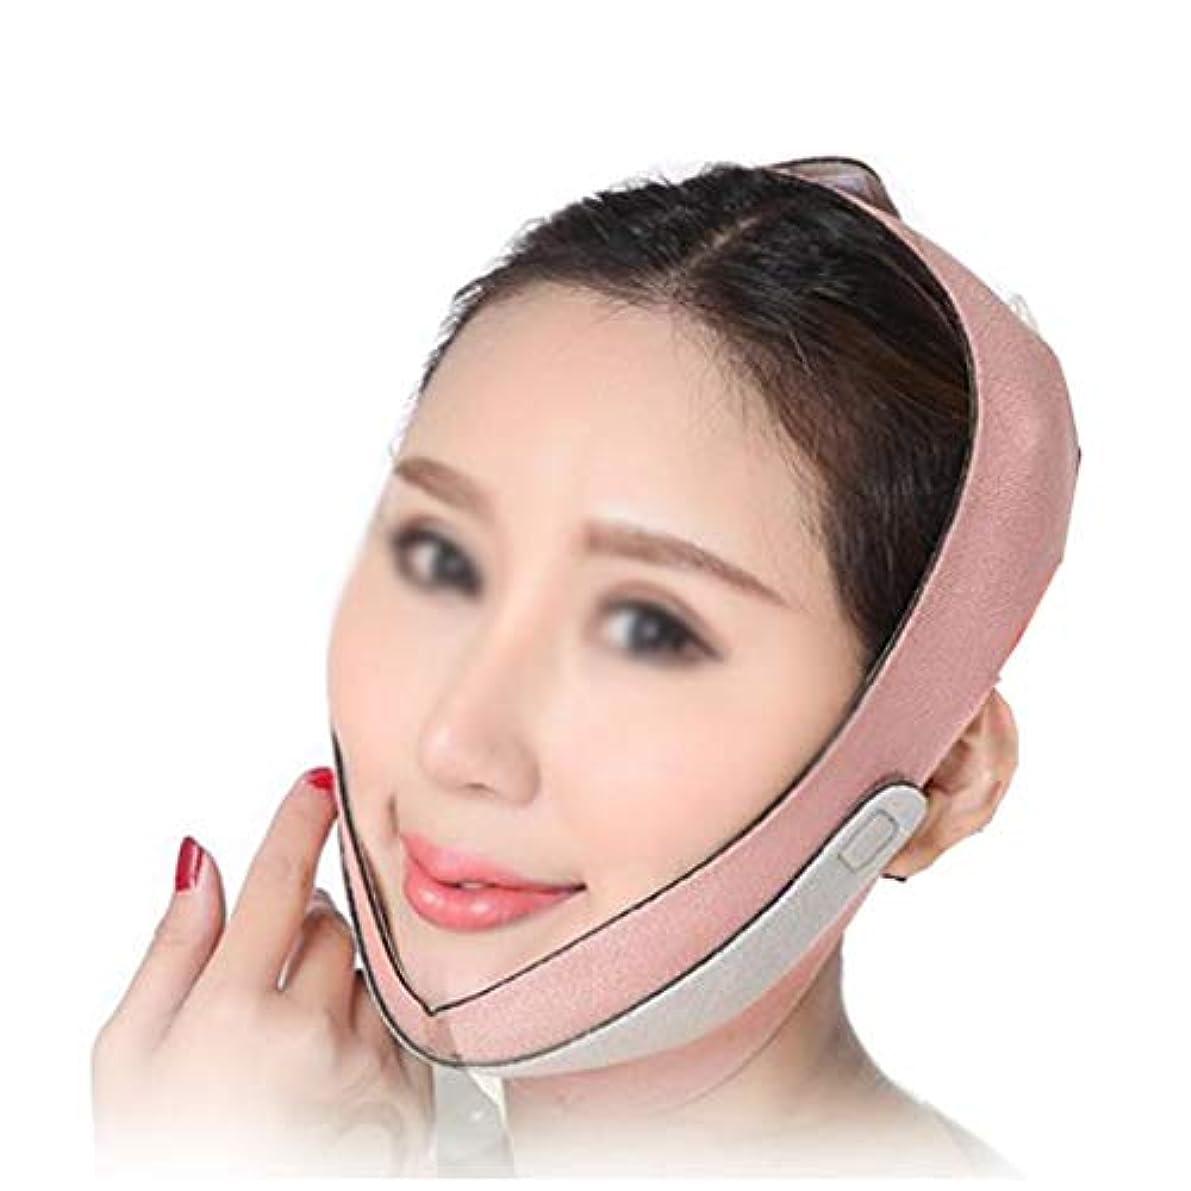 幻想そうでなければ共役ZWBD フェイスマスク, フェイスリフティングマスクフェイスリフティングツールを備えたVフェイスの薄い顔3Dフェイスリフティングフェイスリフティング包帯フェイスリフティングデバイスフェイスリフティングマシン